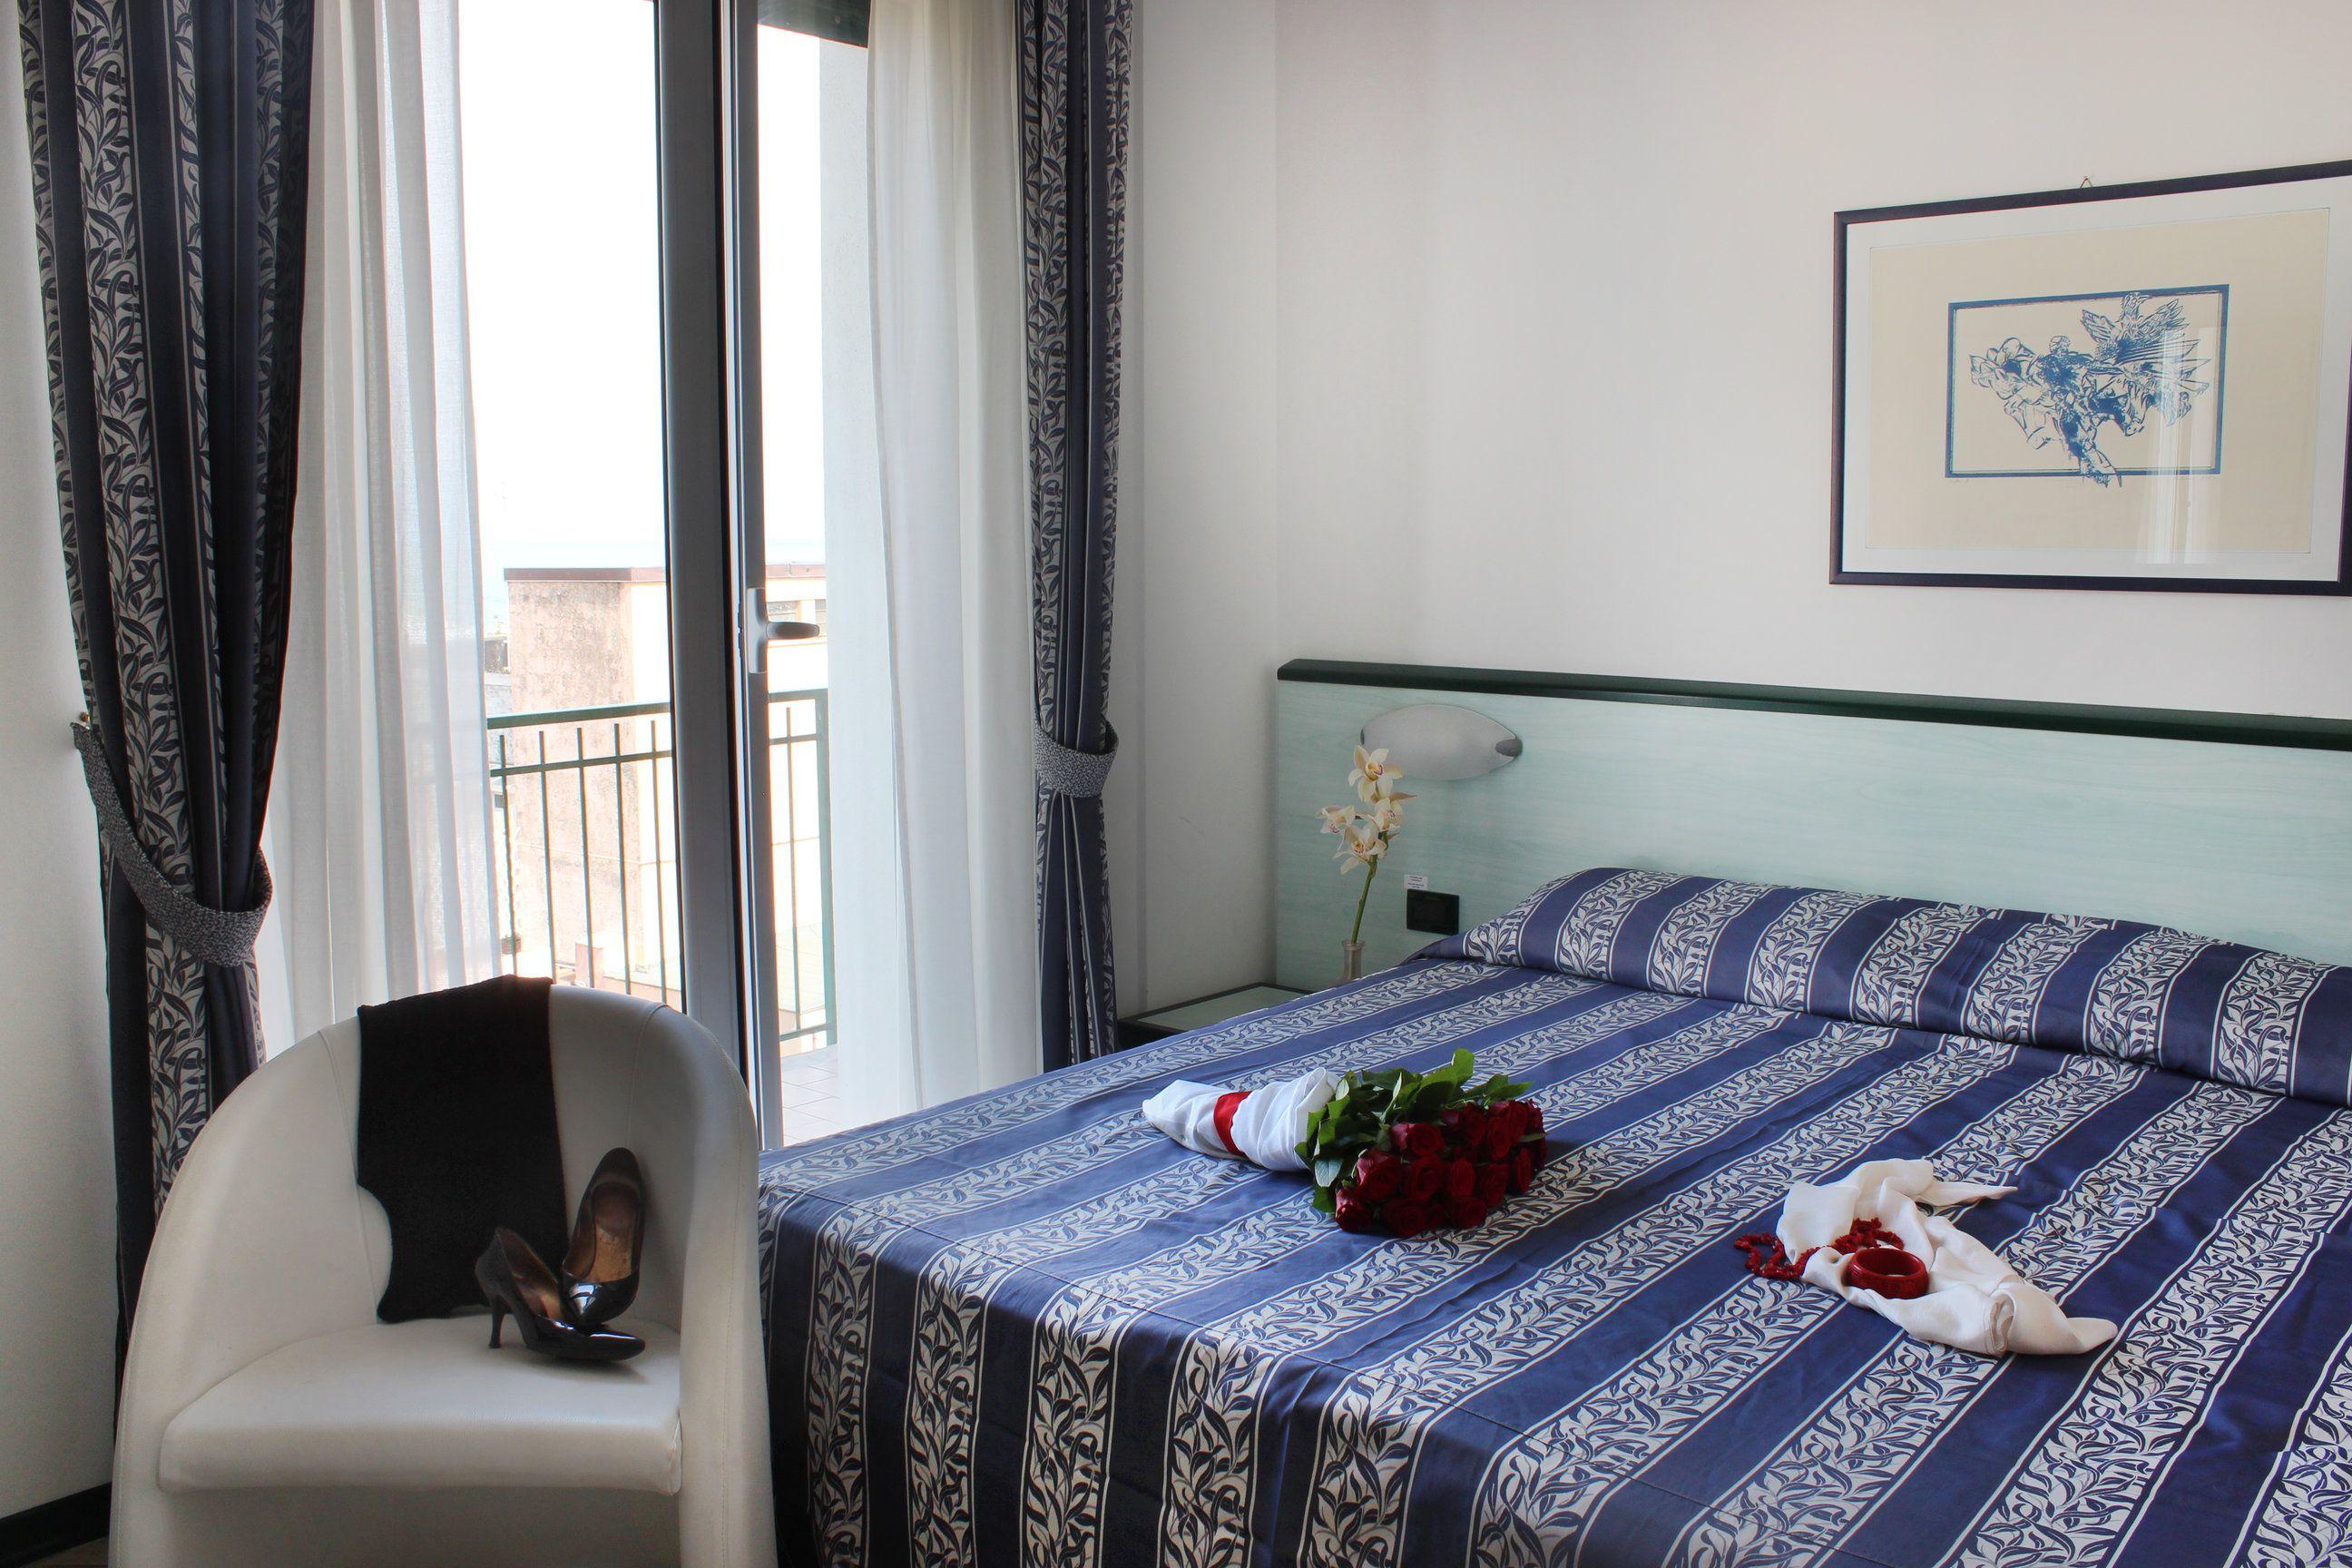 Senior Suite ELEGANTE FUGA D\'AMORE ▽ Suite confortevole ed ...